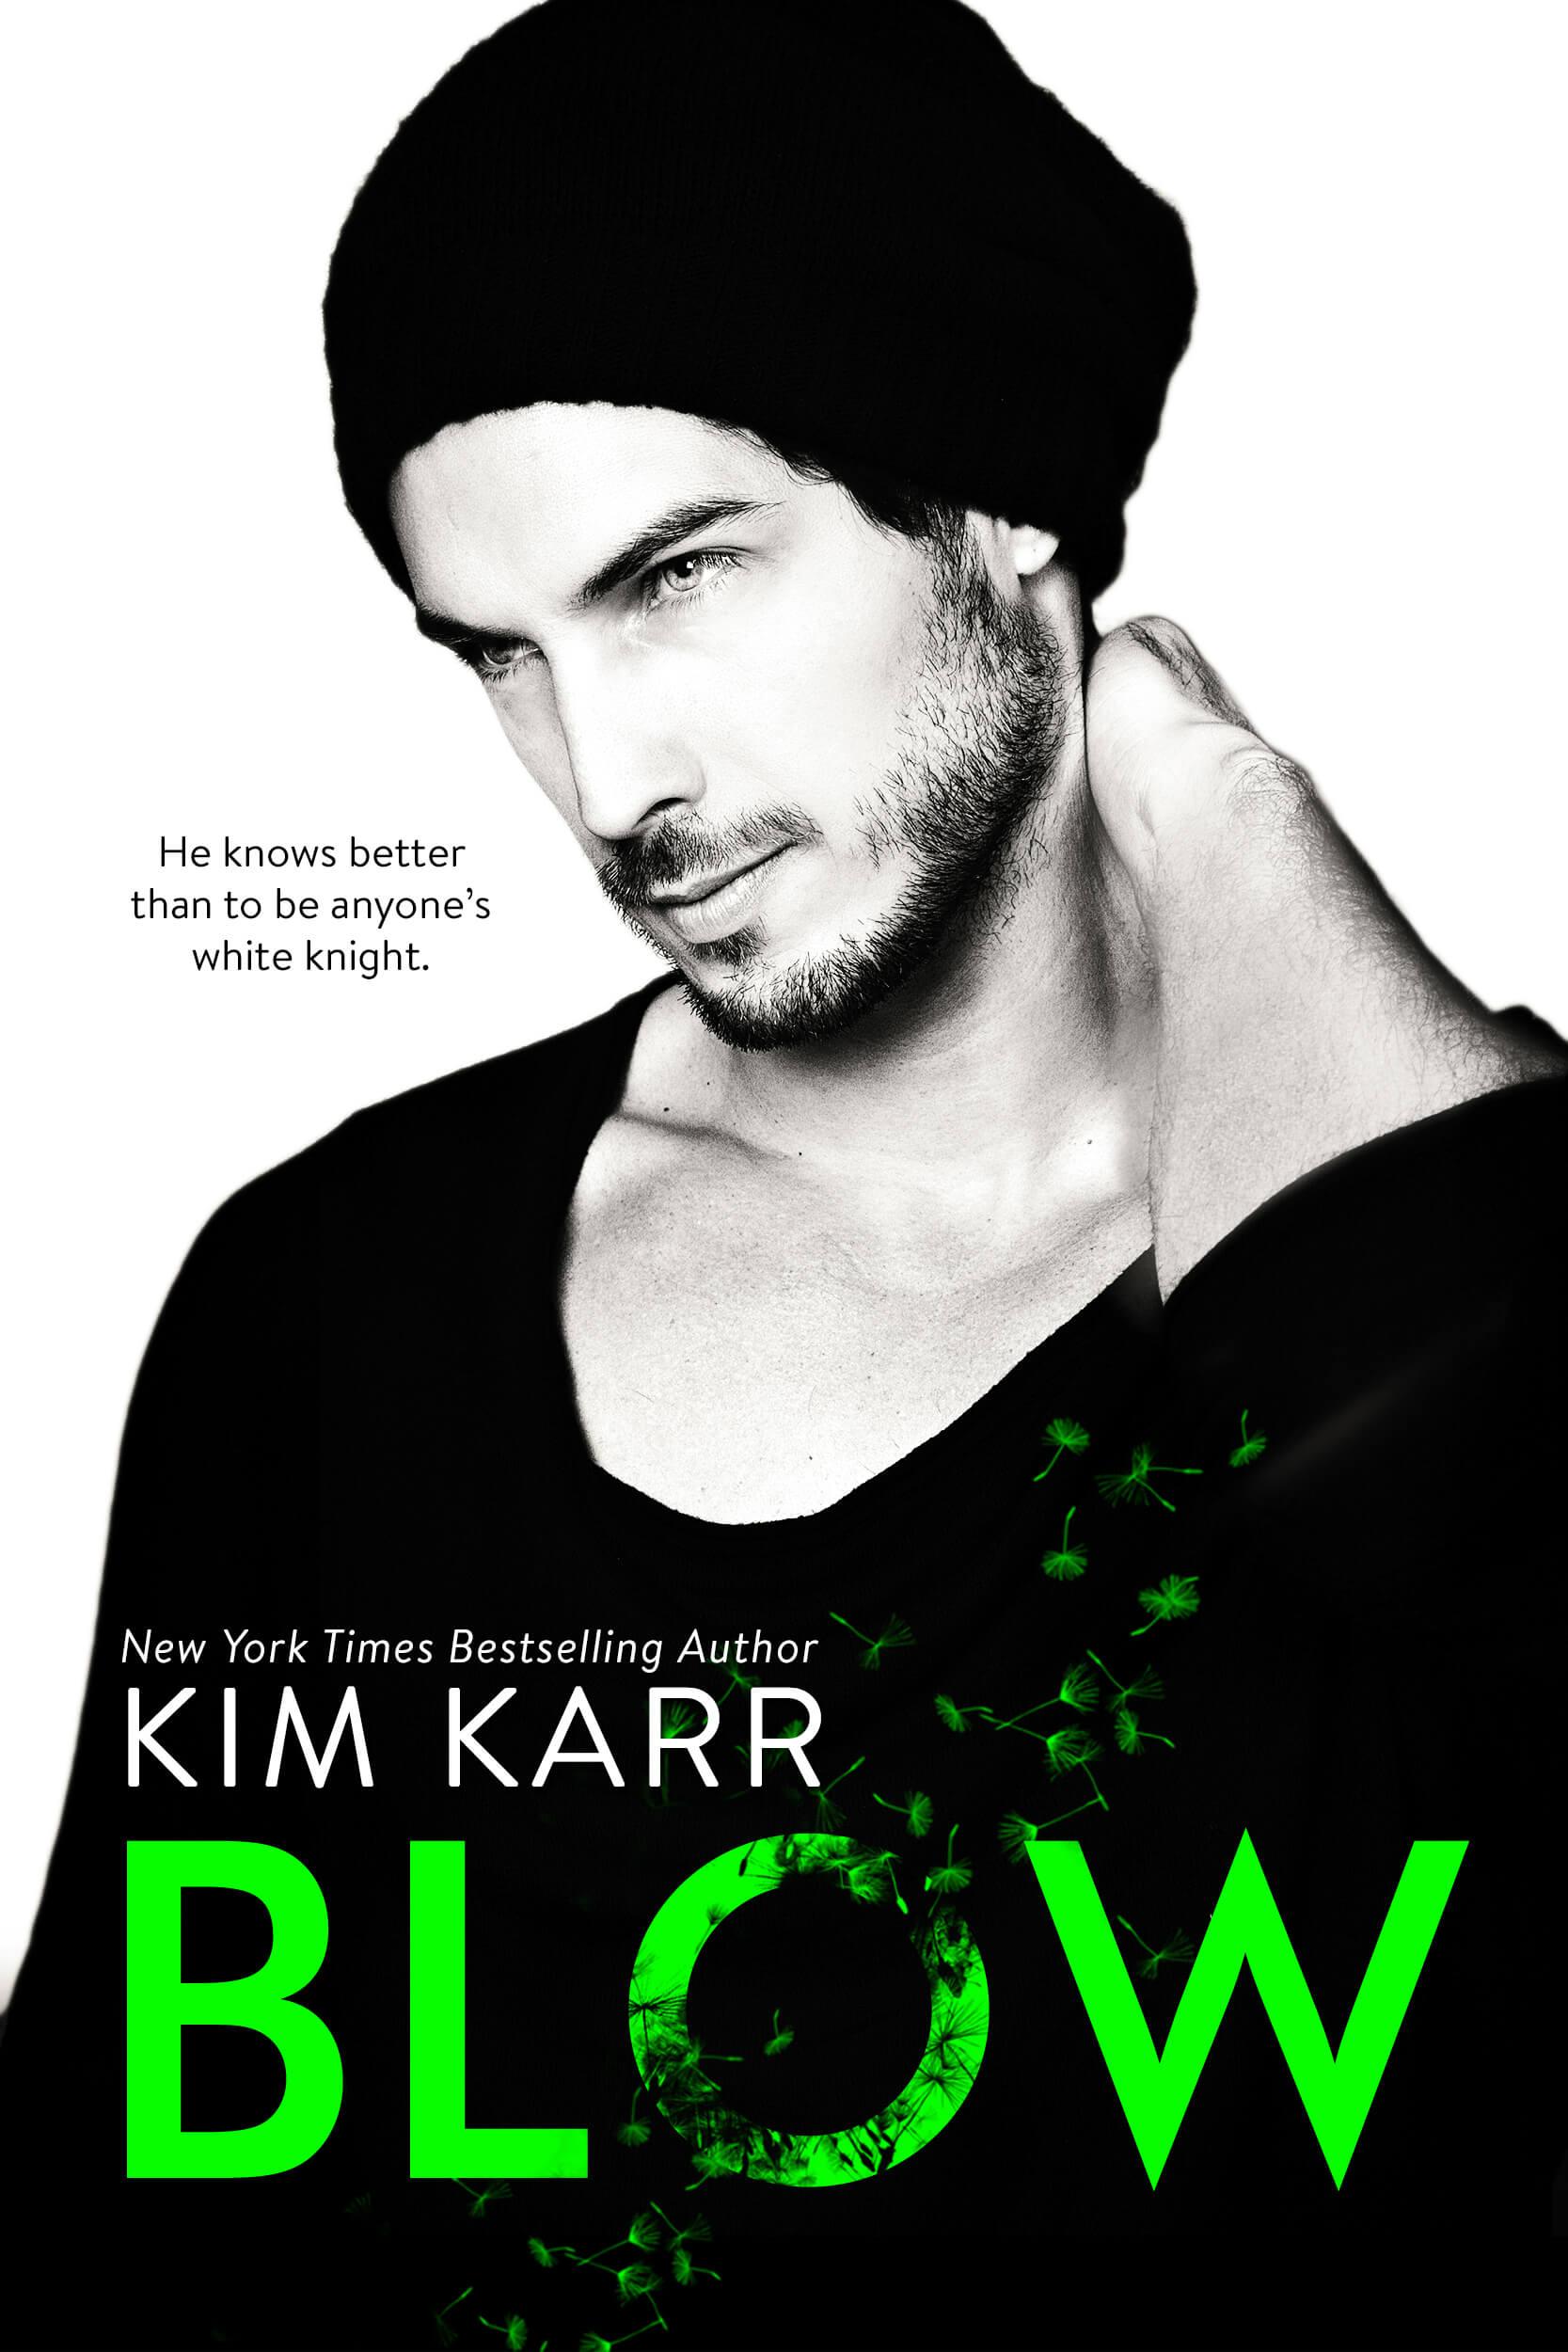 Blow by Kim Karr